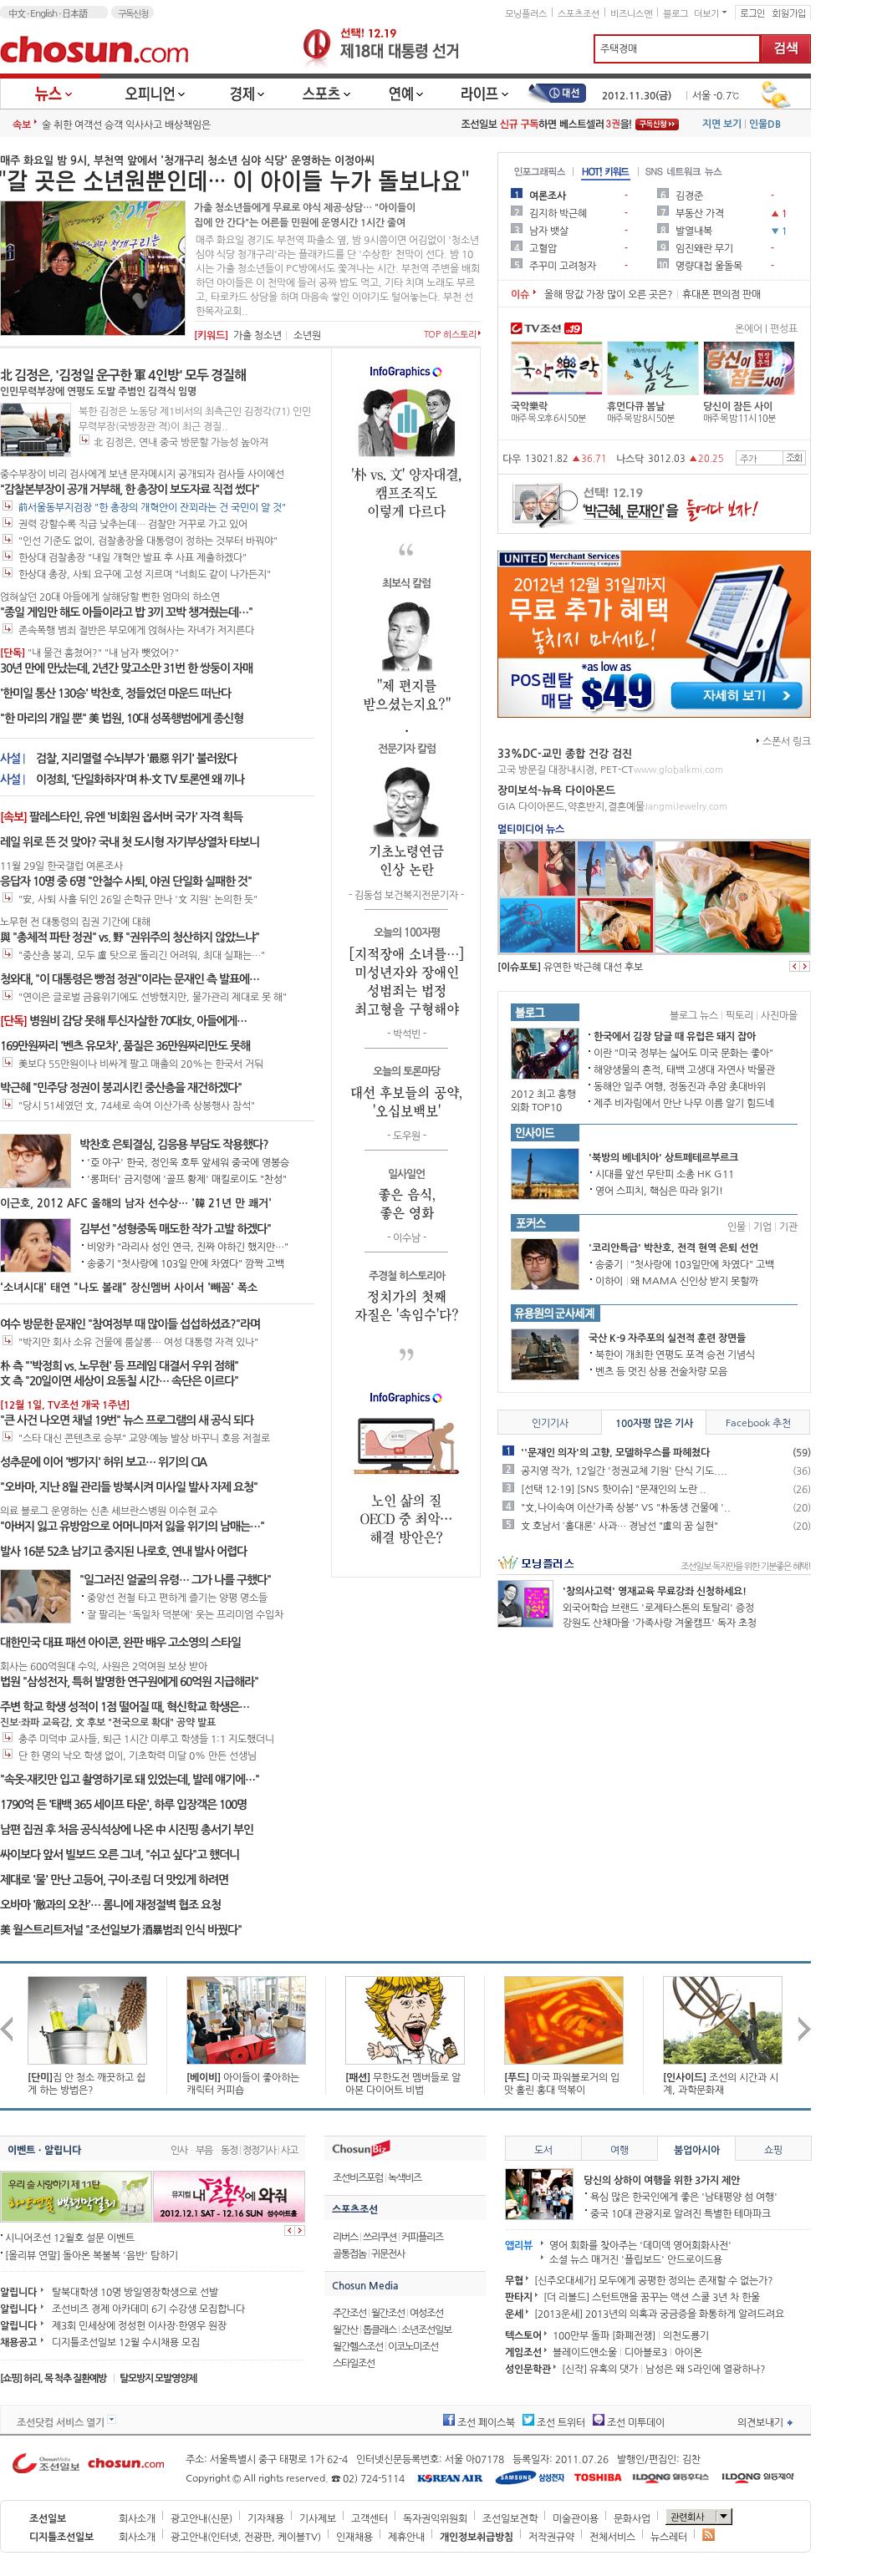 chosun.com at Thursday Nov. 29, 2012, 11:06 p.m. UTC